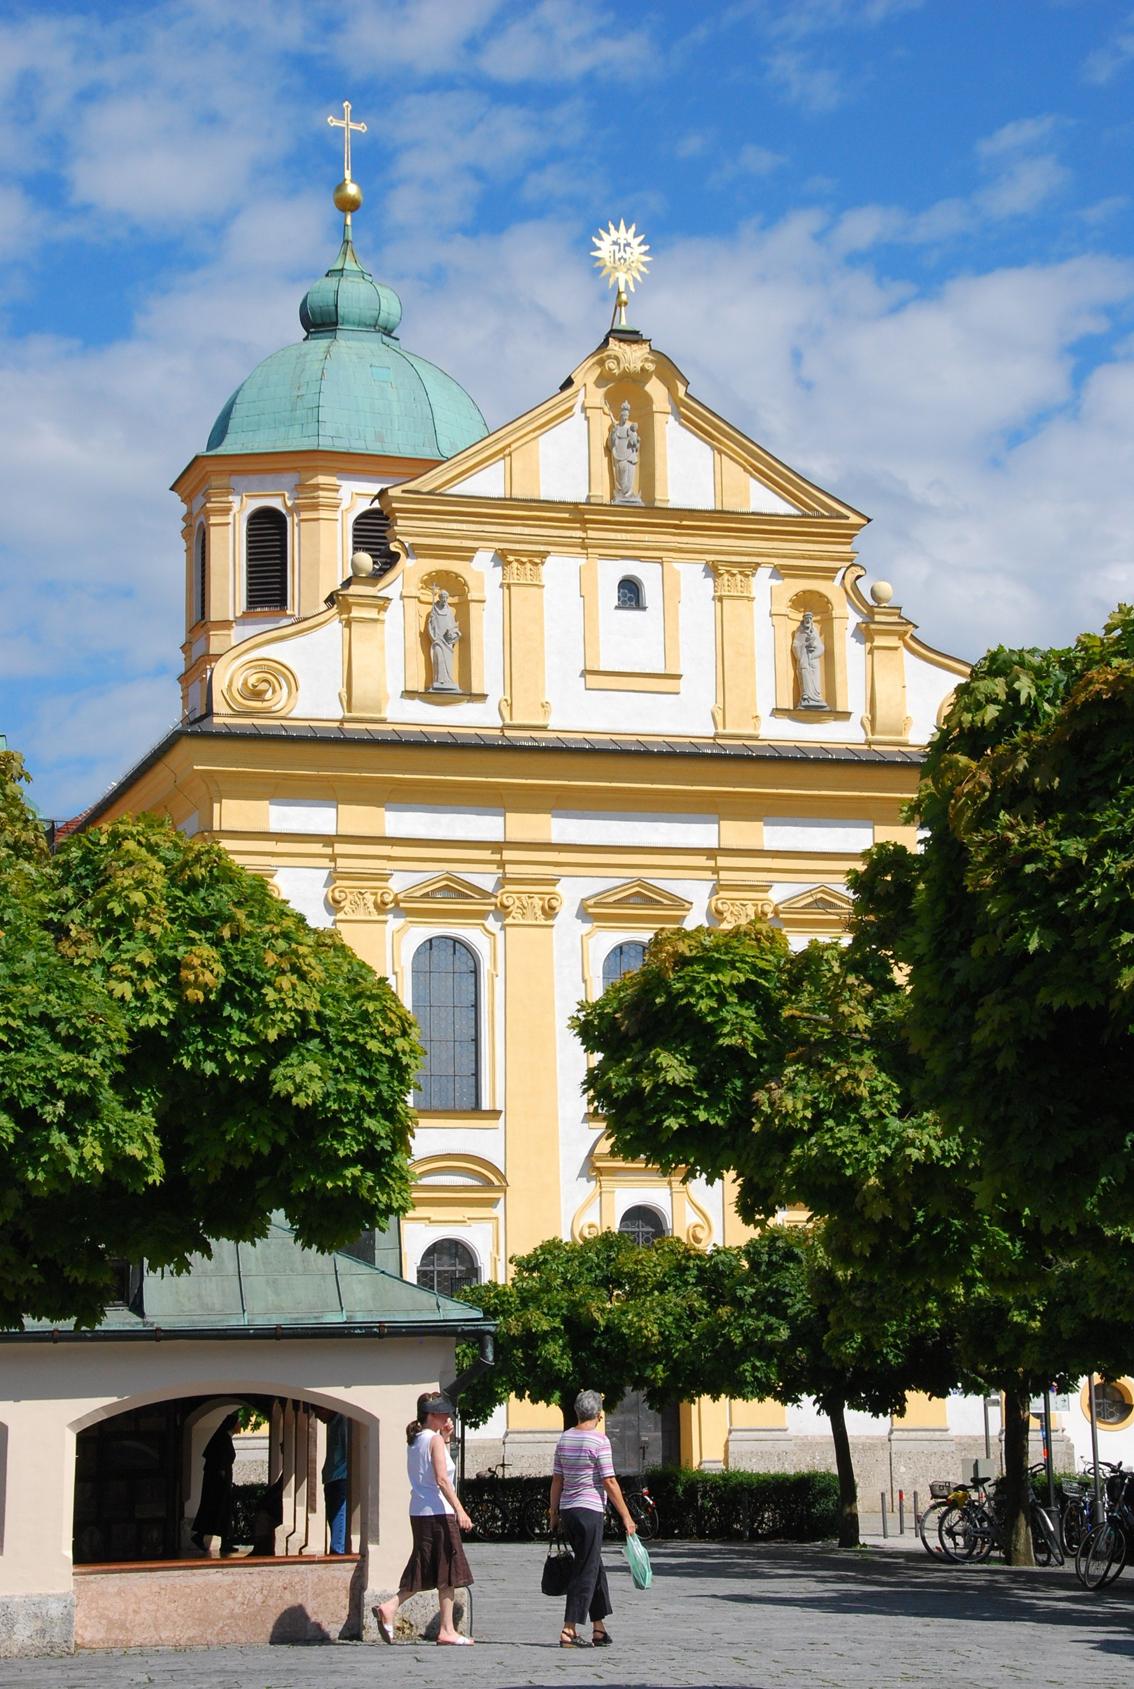 2020 08 12 aoelfb kirche und kloster stmagdalena altoetting aussen